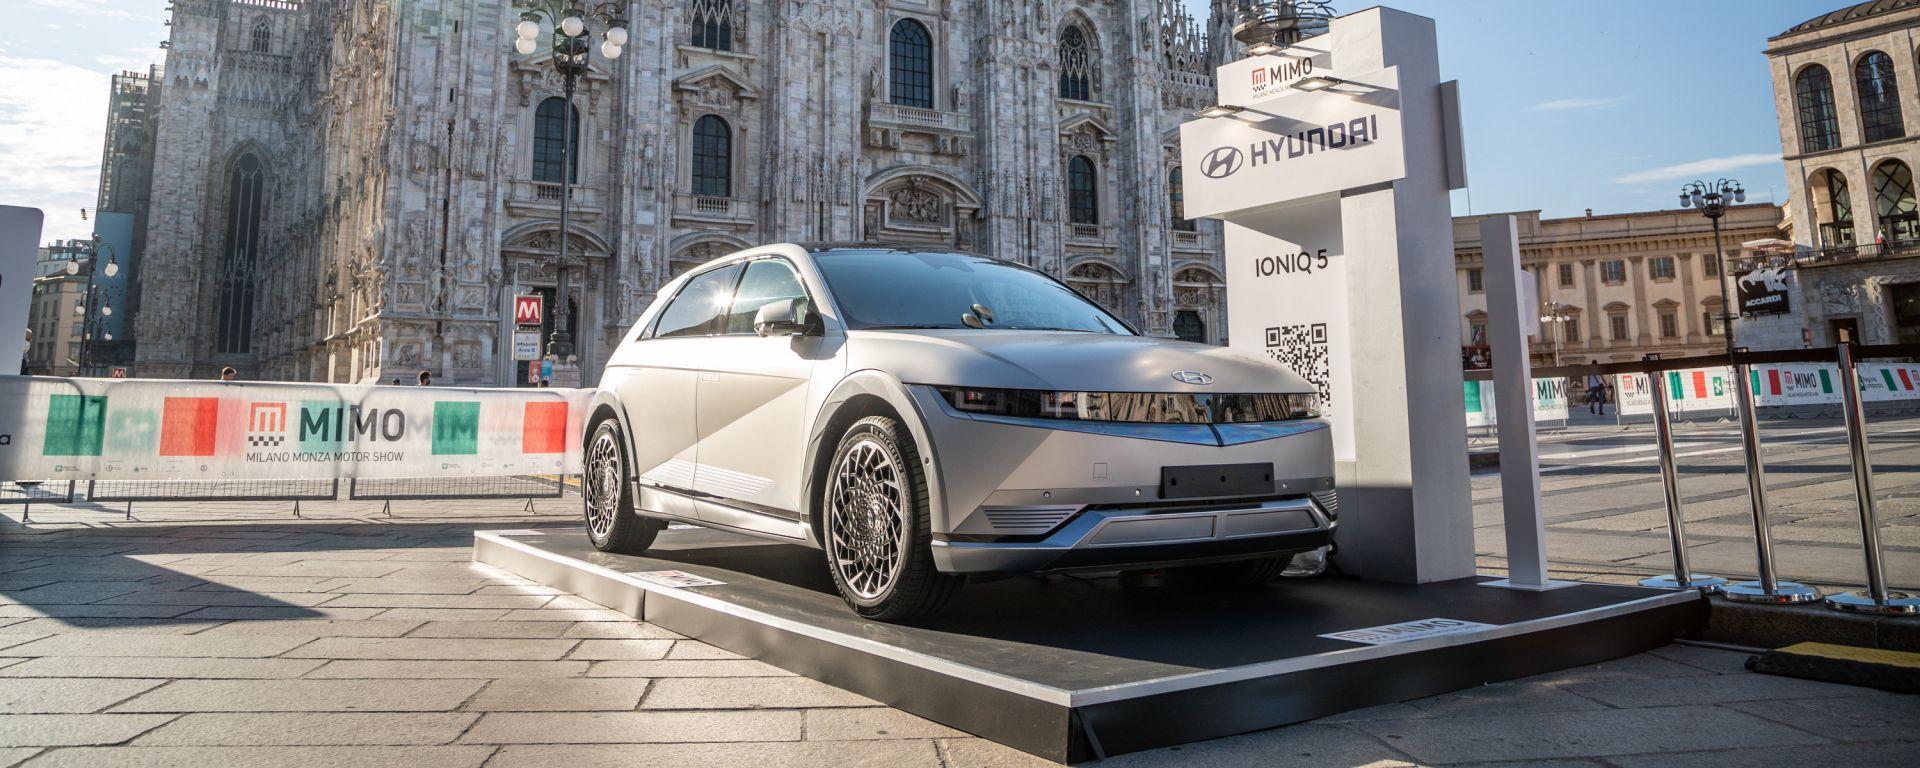 Intervista di Hyundai a MIMO 2021: Ioniq 5